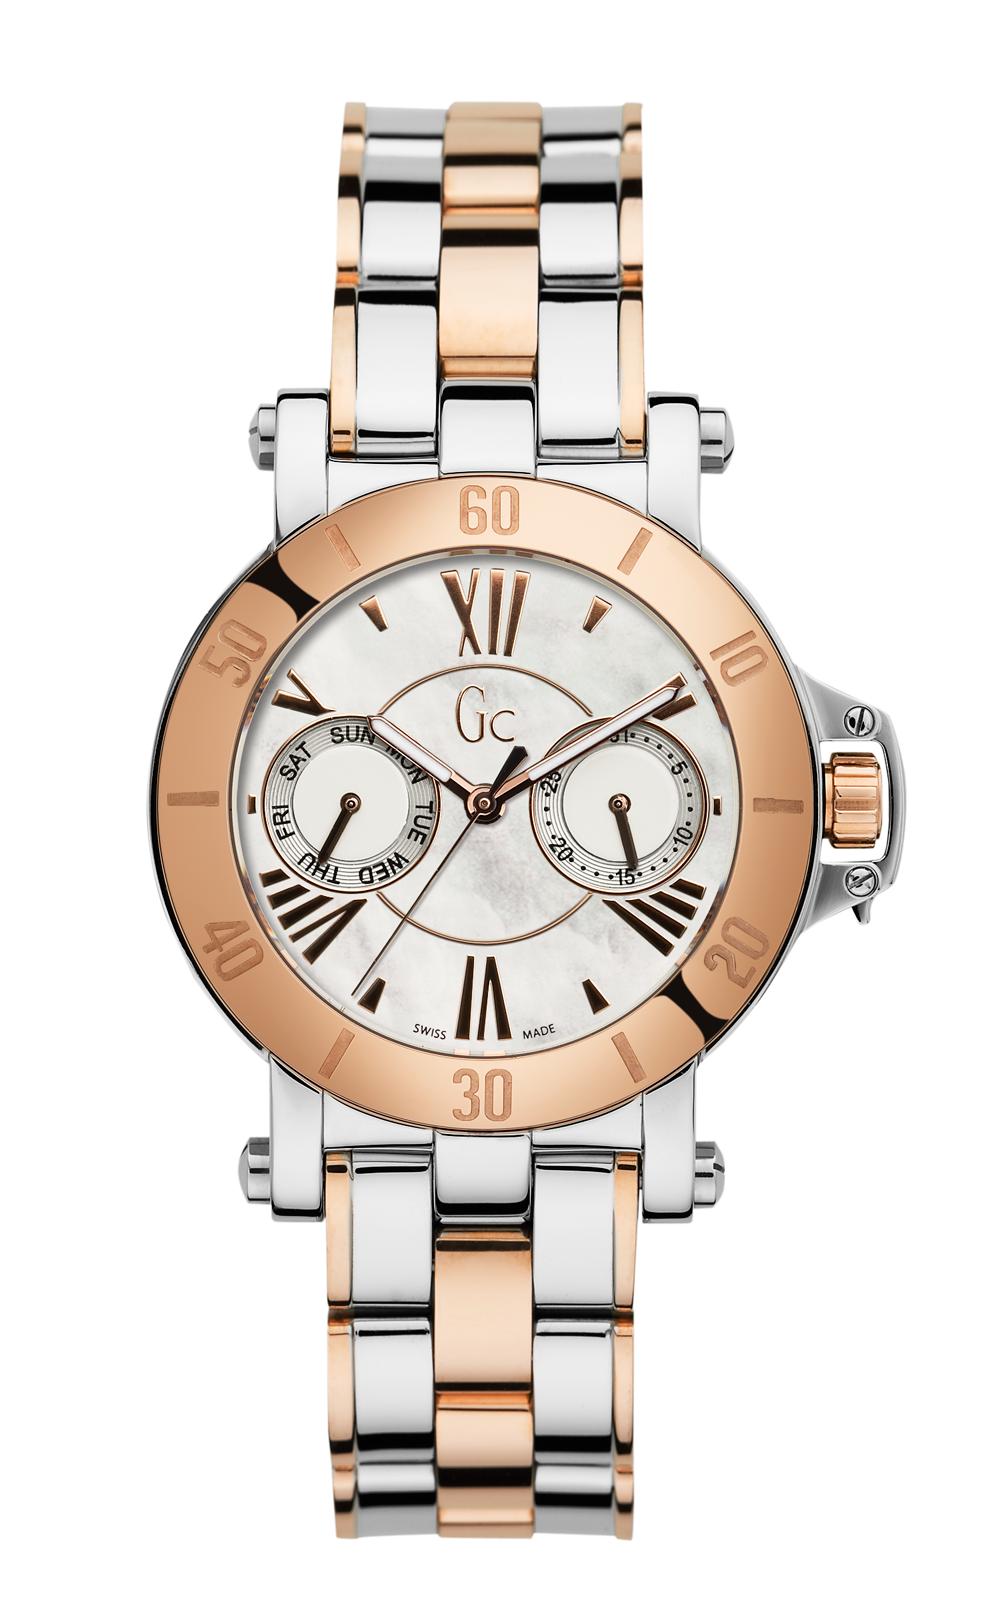 Gc X74002L1S - женские наручные часы из коллекции Sport ChicGc<br><br><br>Бренд: Gc<br>Модель: Gc X74002L1S<br>Артикул: X74002L1S<br>Вариант артикула: None<br>Коллекция: Sport Chic<br>Подколлекция: None<br>Страна: Швейцария<br>Пол: женские<br>Тип механизма: кварцевые<br>Механизм: None<br>Количество камней: None<br>Автоподзавод: None<br>Источник энергии: от батарейки<br>Срок службы элемента питания: None<br>Дисплей: стрелки<br>Цифры: римские<br>Водозащита: WR 100<br>Противоударные: None<br>Материал корпуса: нерж. сталь, PVD покрытие: позолота (частичное)<br>Материал браслета: нерж. сталь, PVD покрытие (частичное): позолота<br>Материал безеля: None<br>Стекло: сапфировое<br>Антибликовое покрытие: None<br>Цвет корпуса: None<br>Цвет браслета: None<br>Цвет циферблата: None<br>Цвет безеля: None<br>Размеры: 34 мм<br>Диаметр: None<br>Диаметр корпуса: None<br>Толщина: None<br>Ширина ремешка: None<br>Вес: None<br>Спорт-функции: None<br>Подсветка: стрелок<br>Вставка: None<br>Отображение даты: число, день недели<br>Хронограф: None<br>Таймер: None<br>Термометр: None<br>Хронометр: None<br>GPS: None<br>Радиосинхронизация: None<br>Барометр: None<br>Скелетон: None<br>Дополнительная информация: None<br>Дополнительные функции: None